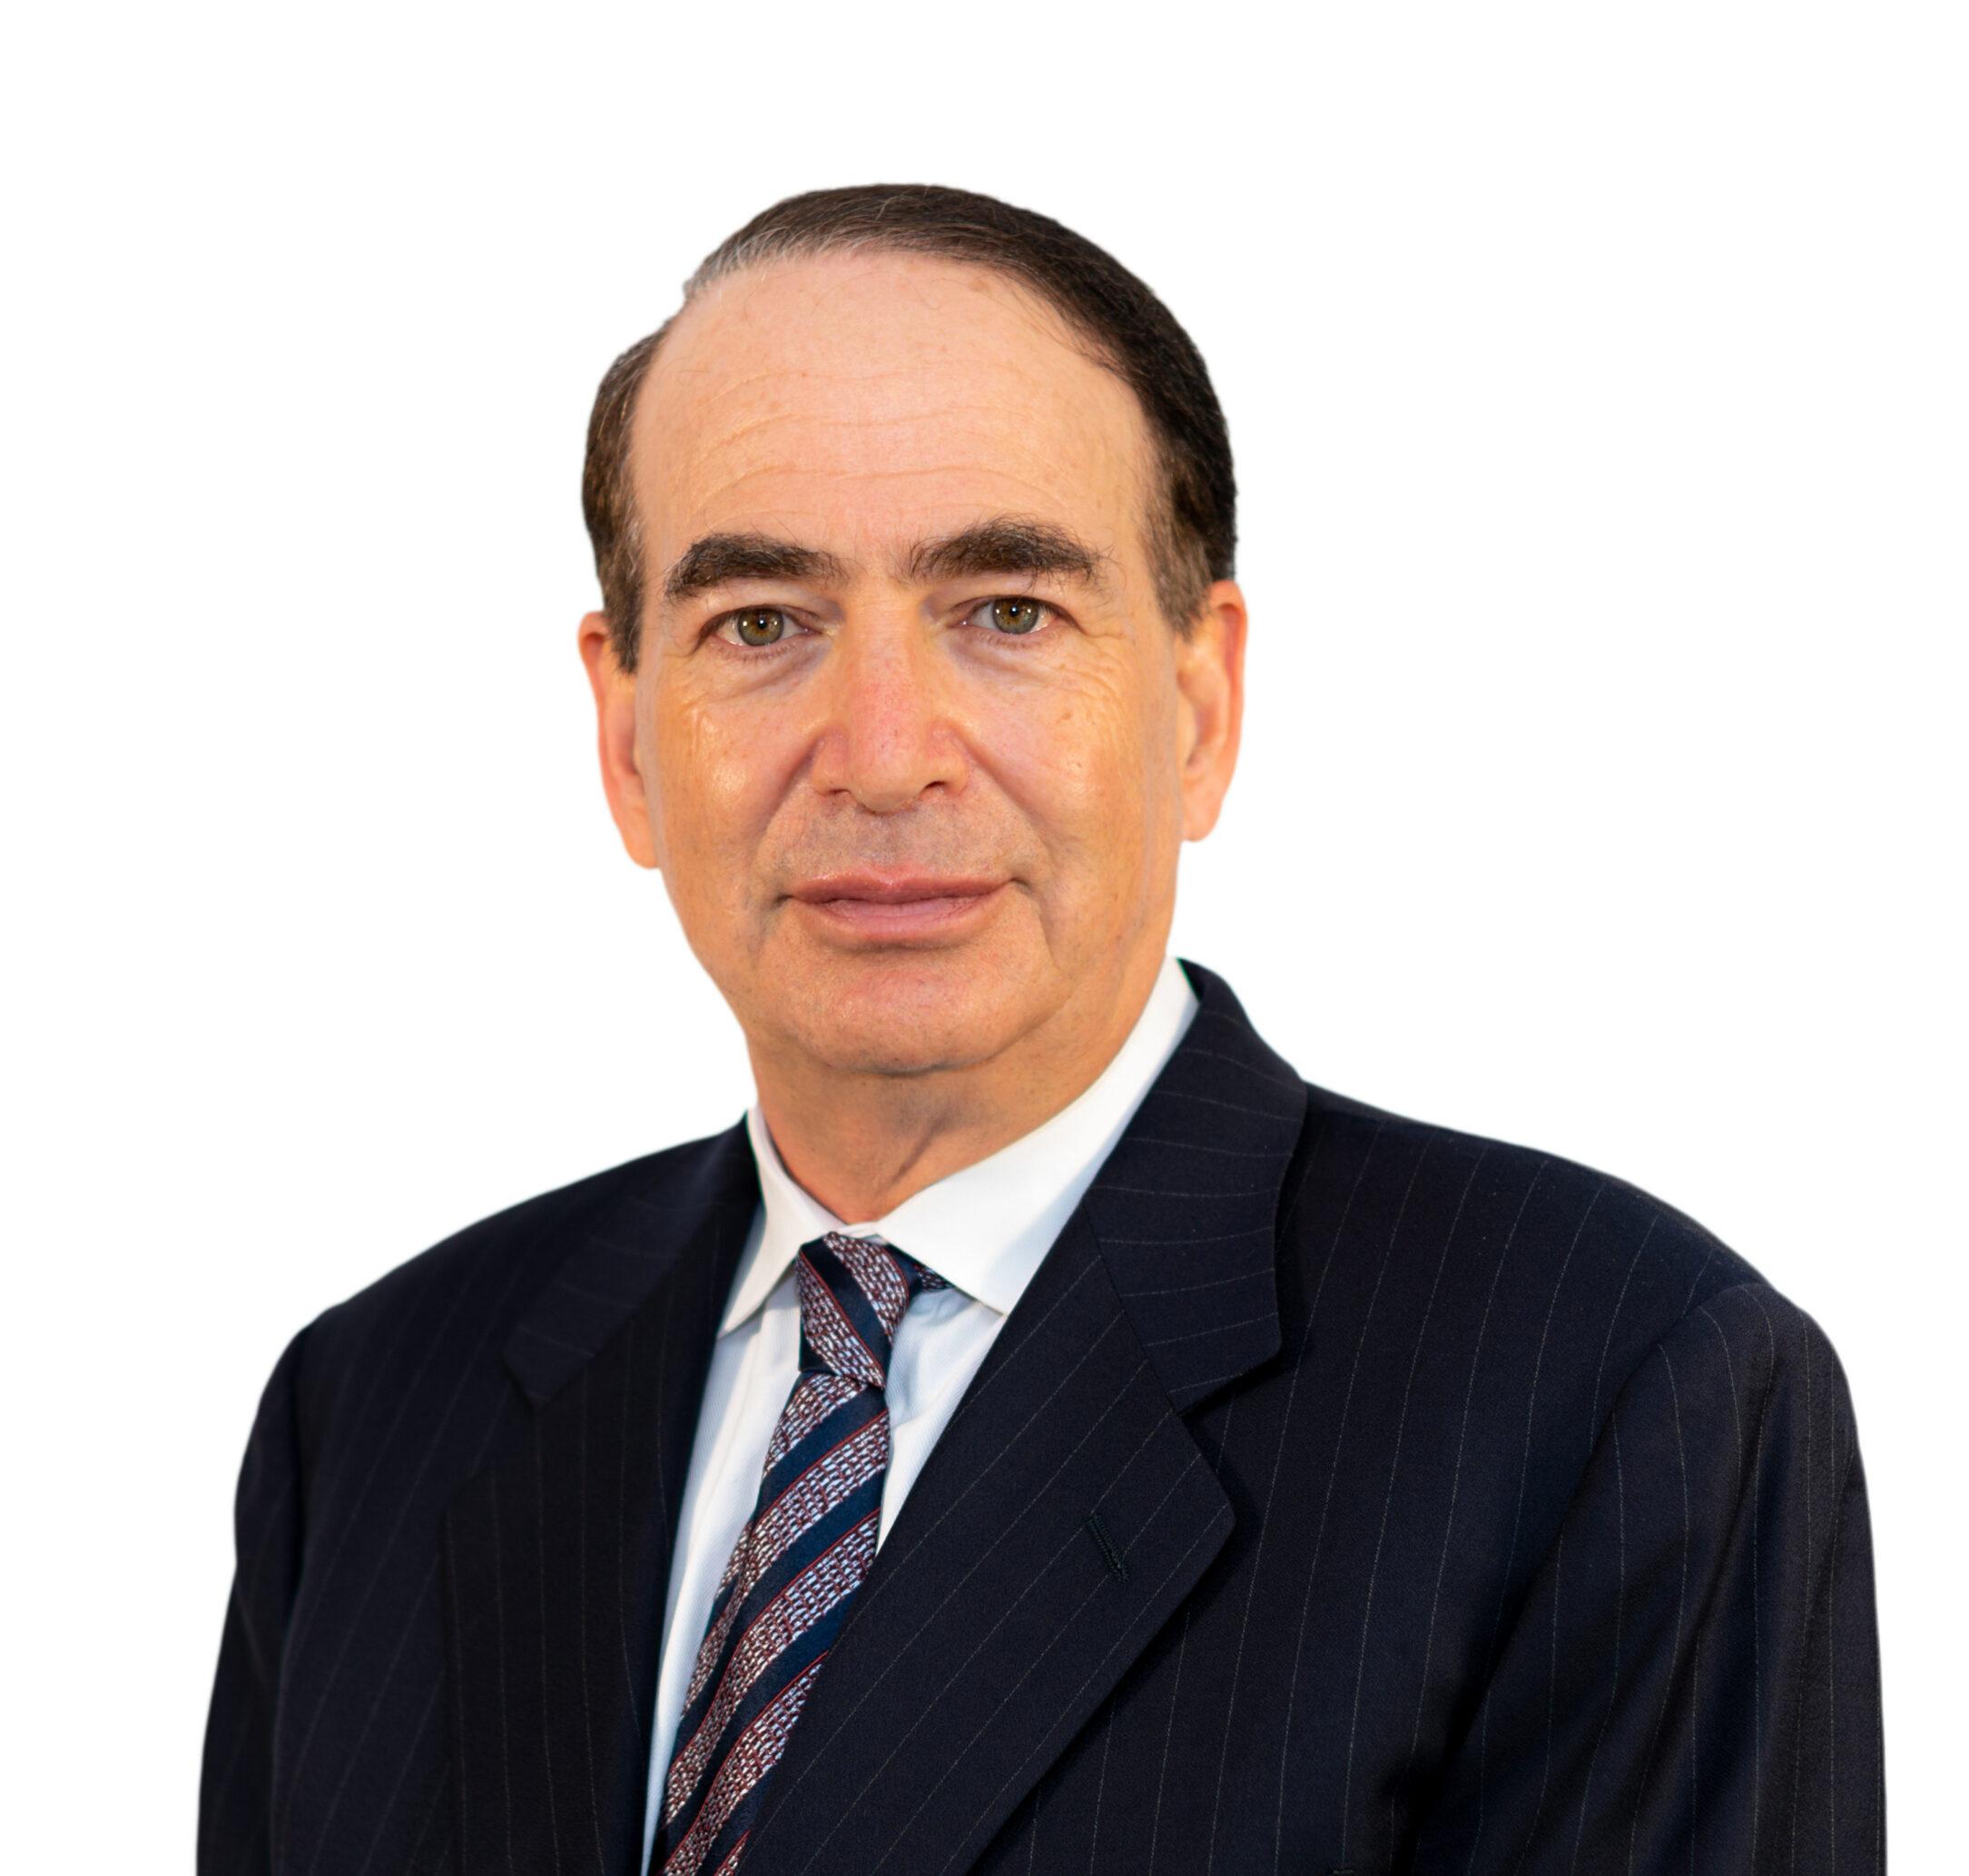 Michael J. Lyon - Akrivis Law Group, PLLC